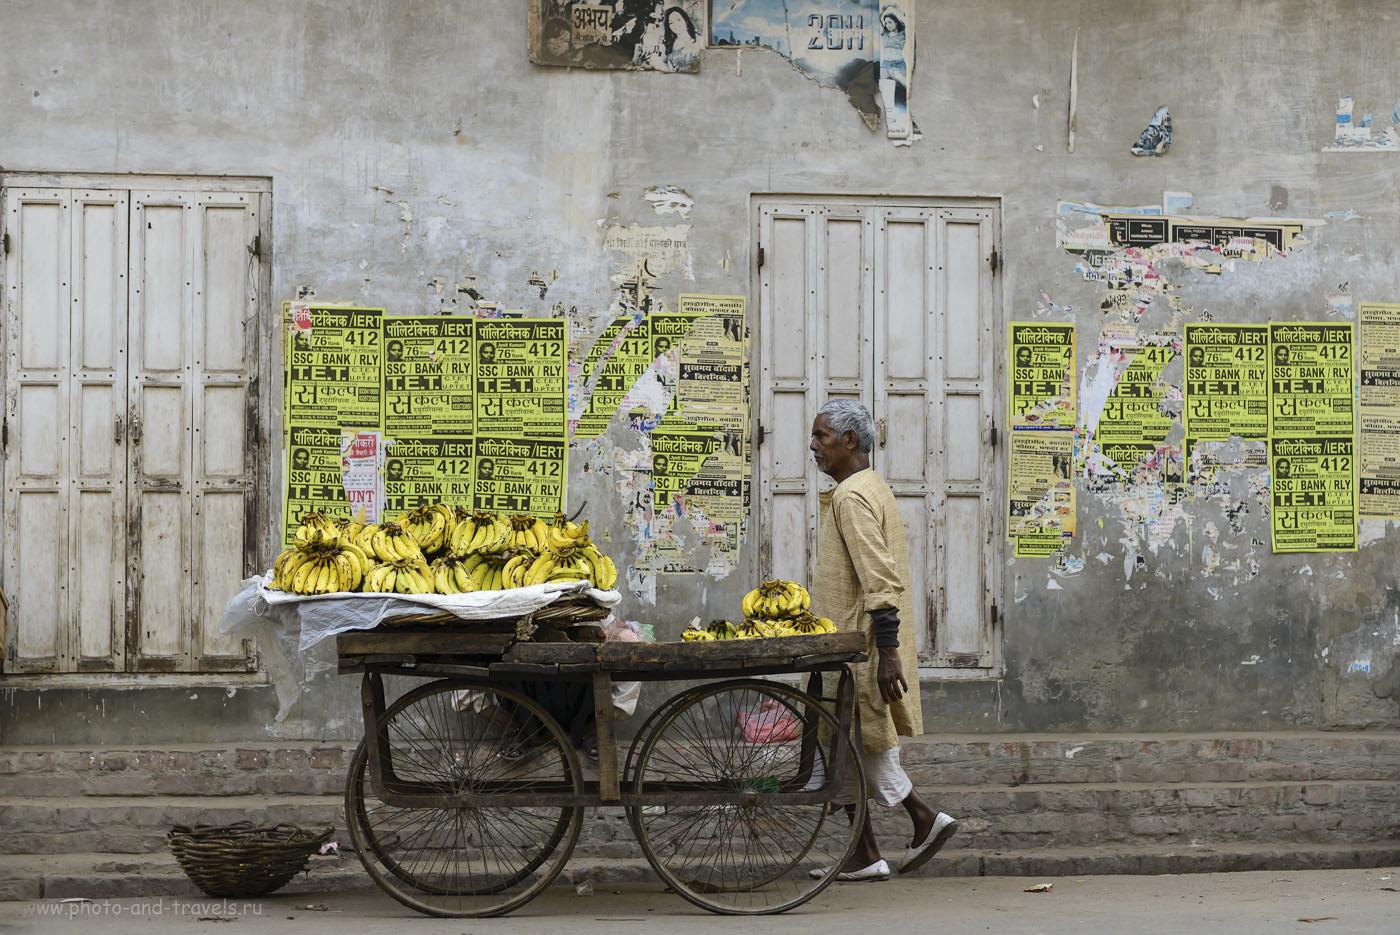 Фотография 15. Продавец бананов на улице в Варанаси. Фоторепортажи из путешествия по Индии дикарями. 1/1000, 2.8, 250, 60.